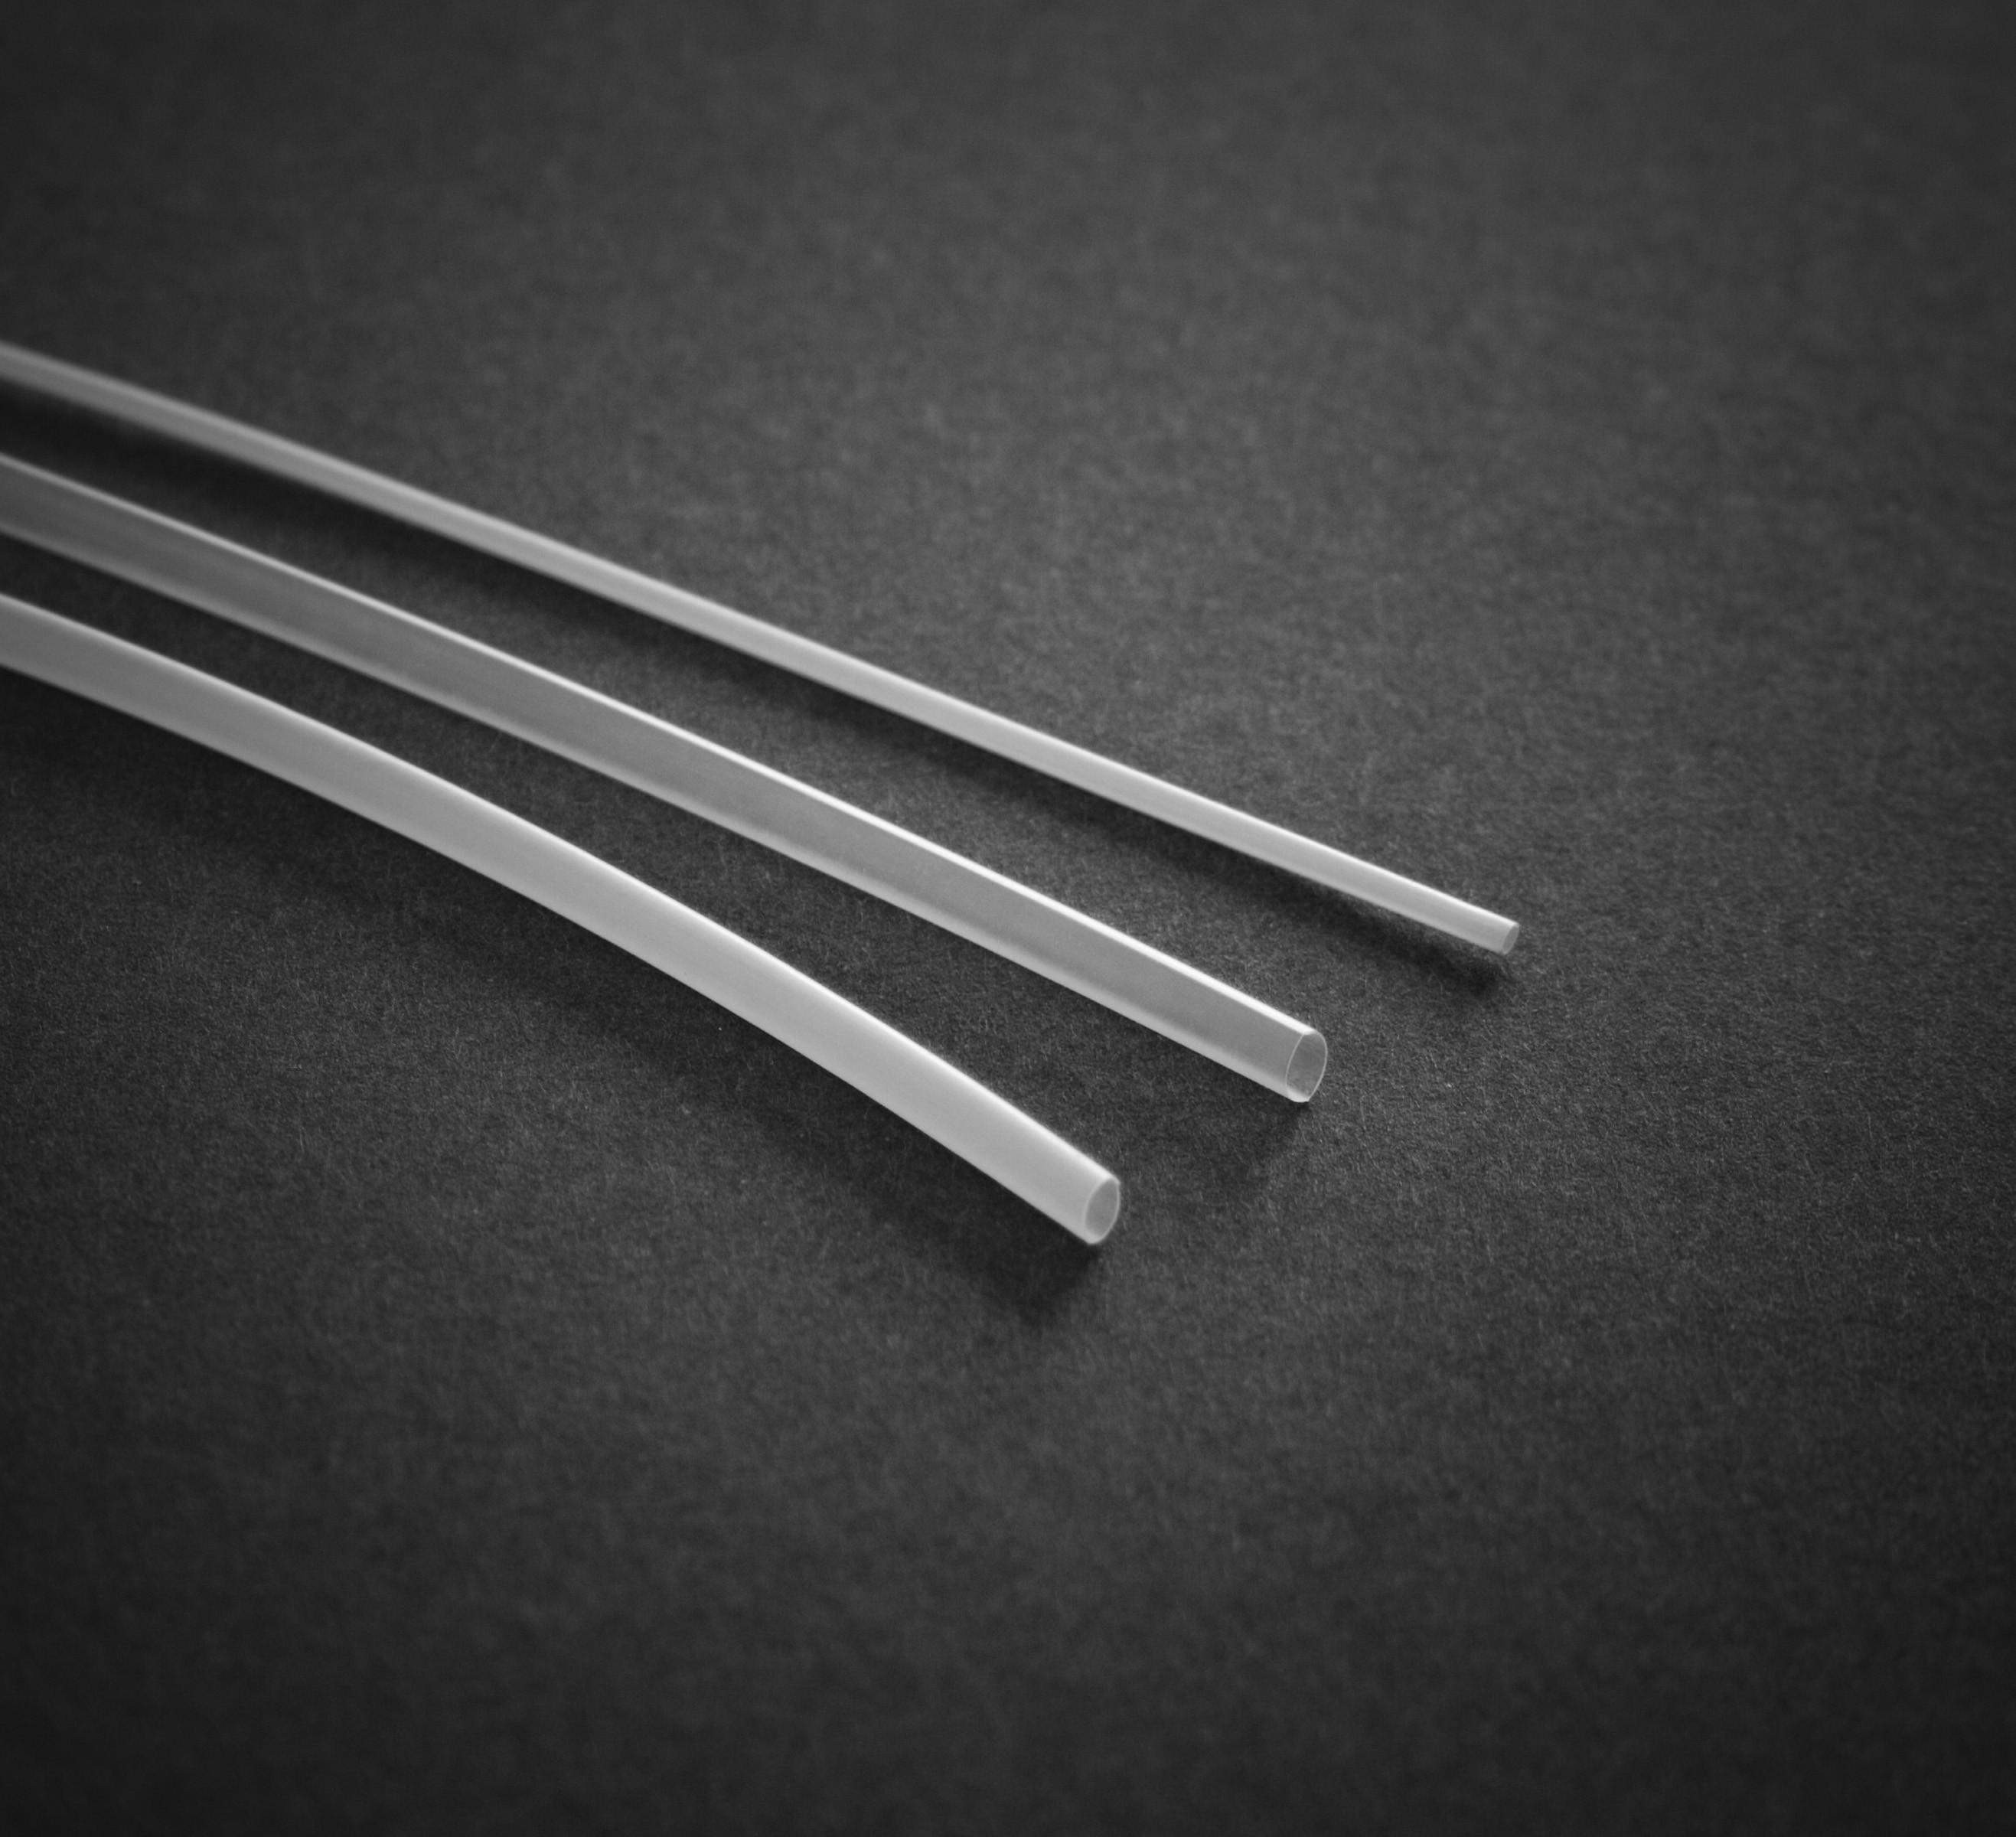 KYNAR Heat Shrink Tubing HKY size 1.2mm I.D / 0.6mm I.D